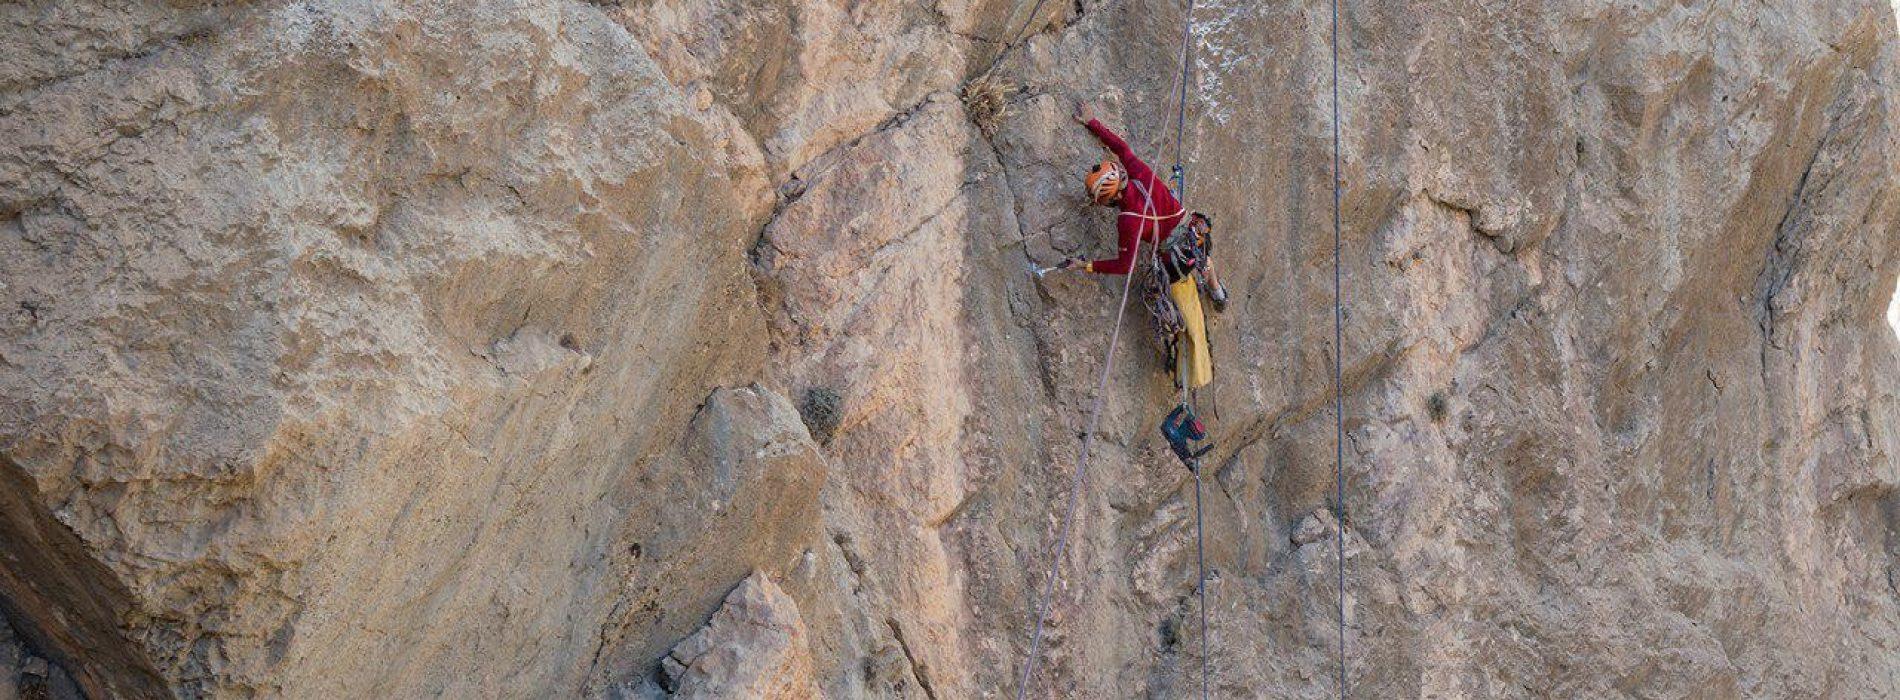 یاسوج: گشایش مسیری جدید در تنگه گنجه ای استان کهگیلویه و بویراحمد